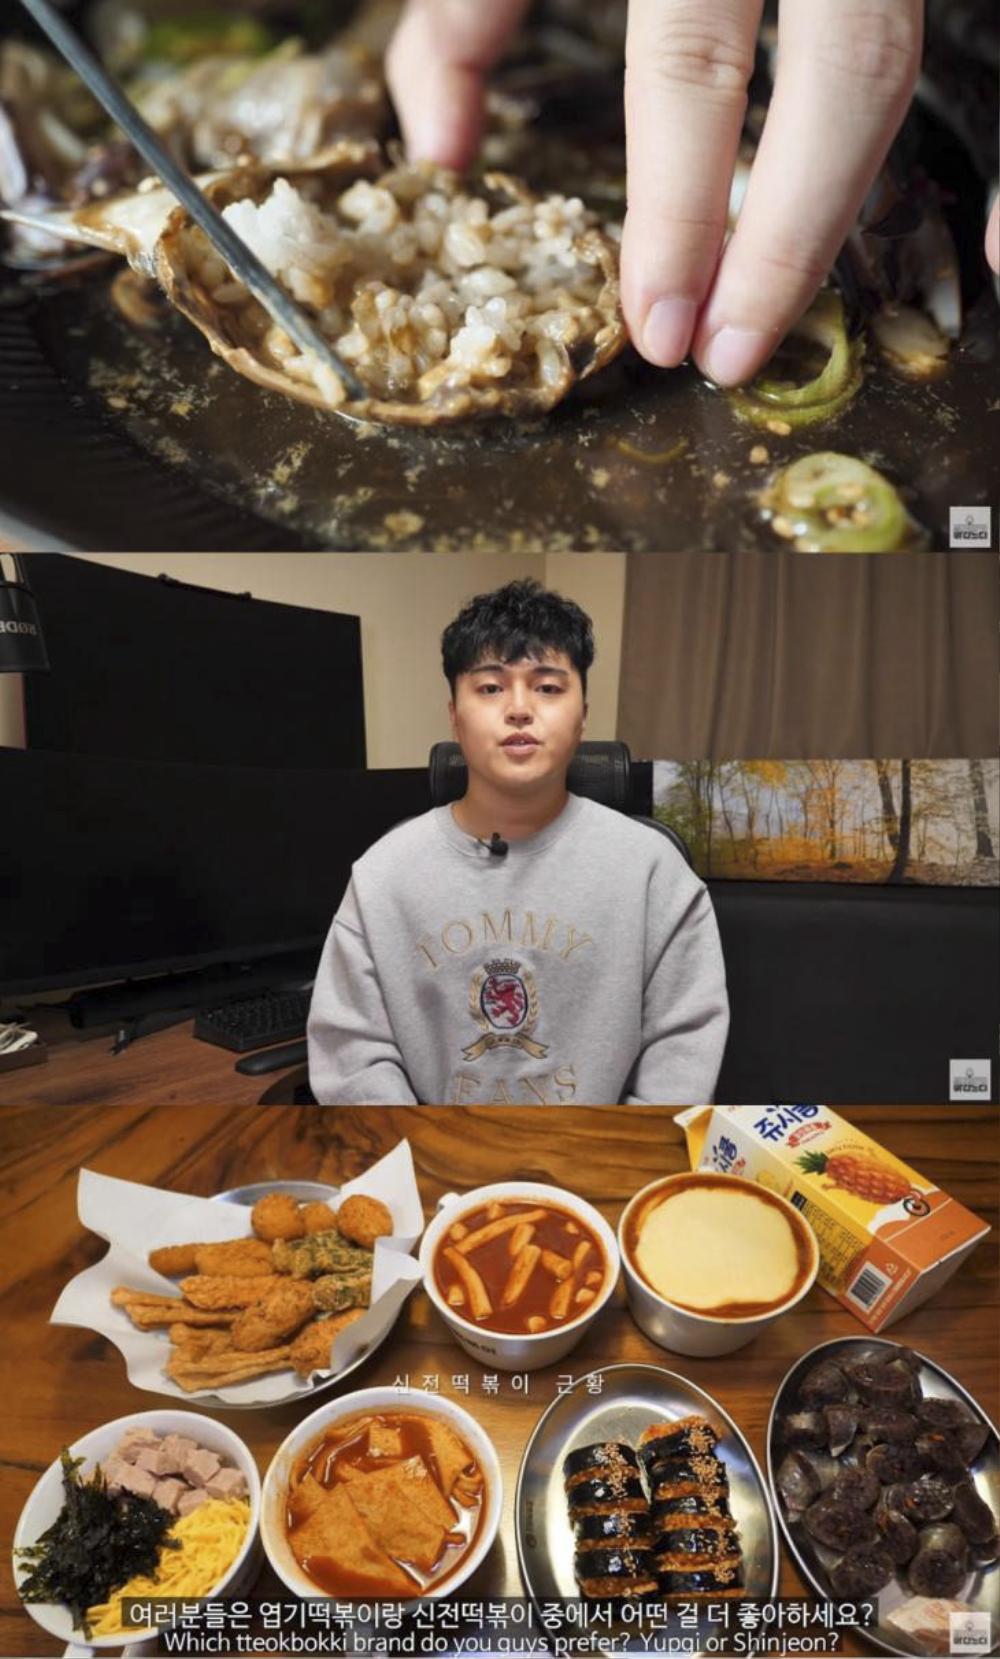 Review món ăn sai sự thật, YouTuber nổi tiếng khiến quán ăn đóng cửa oan Ảnh 2